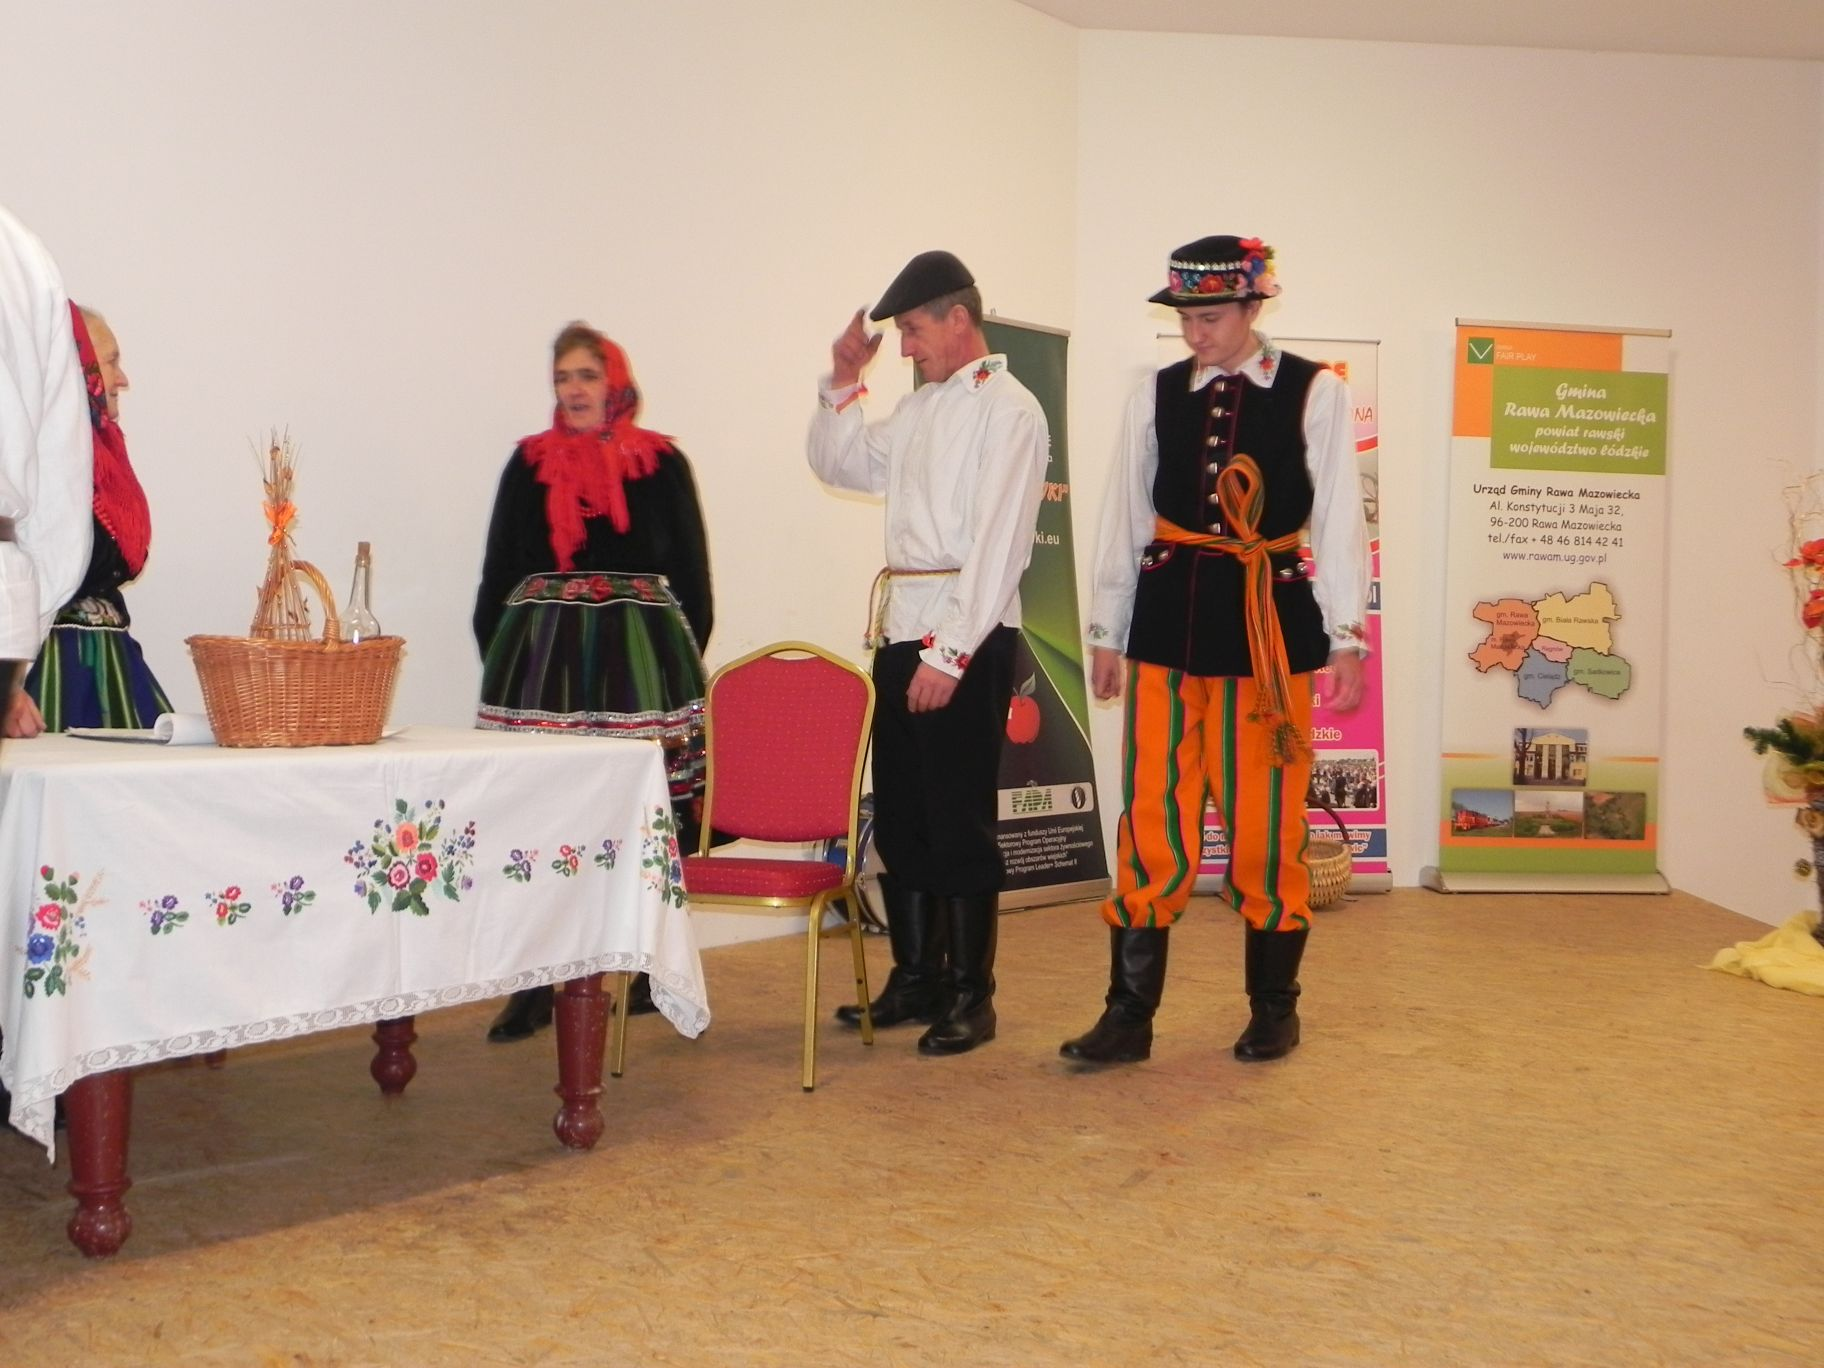 2012-12-14 Wilkowice - Konferencja Wioski tematyczne (141)